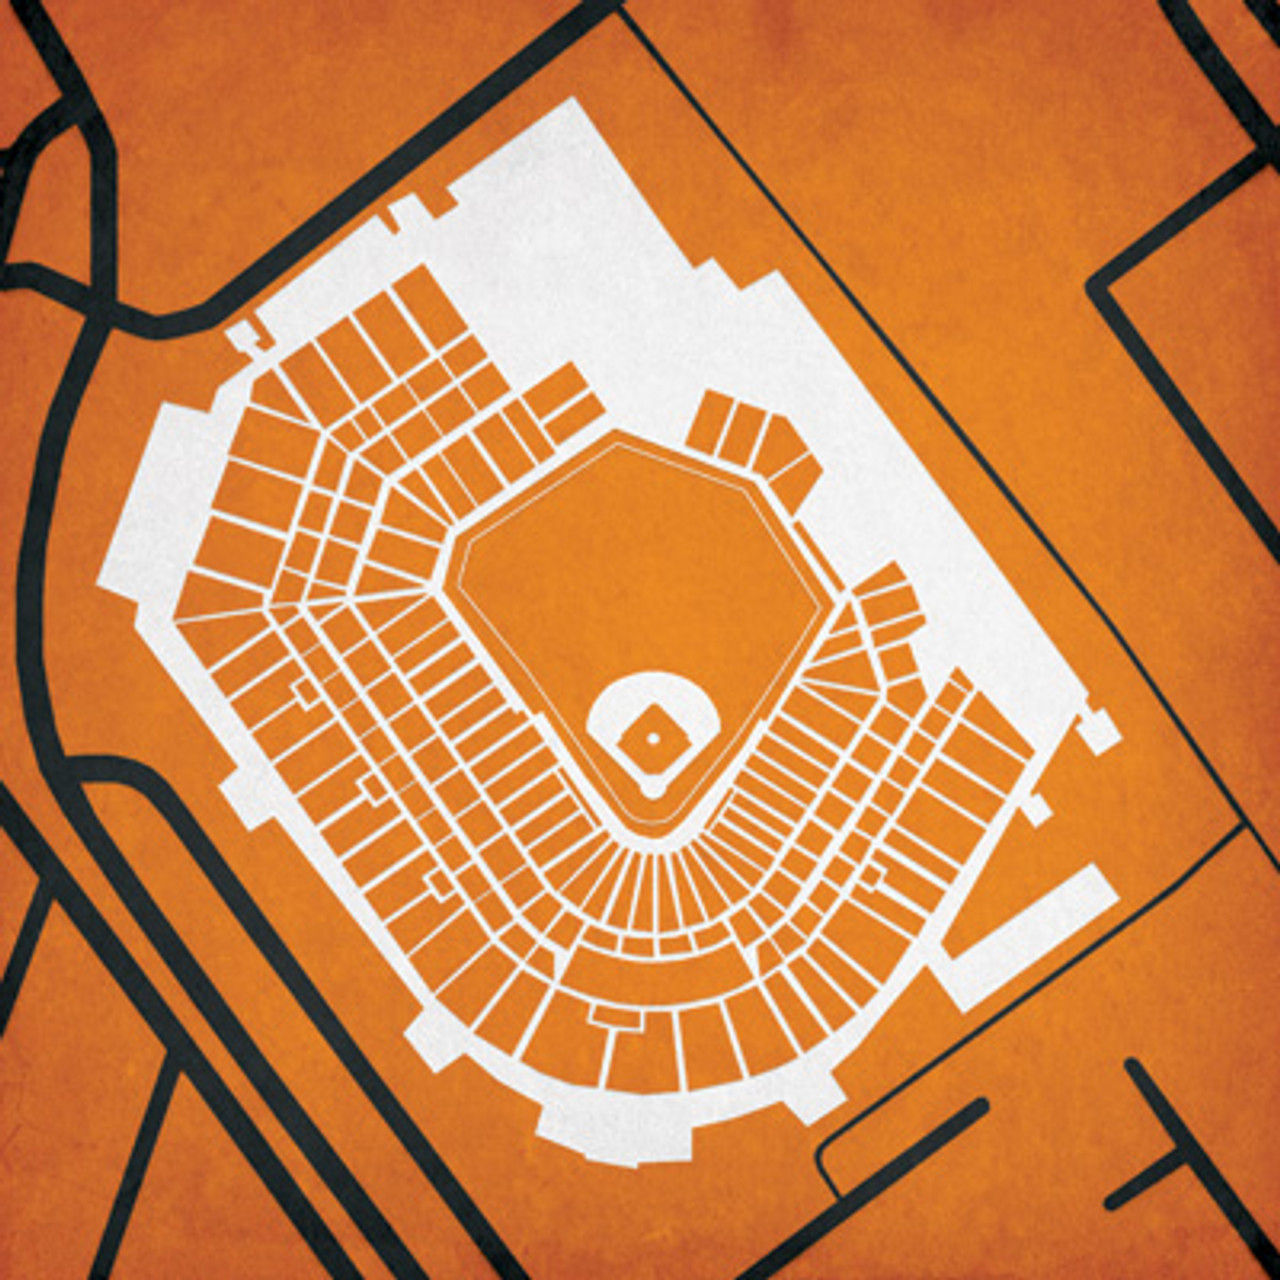 Camden Yards - Baltimore Orioles City Print